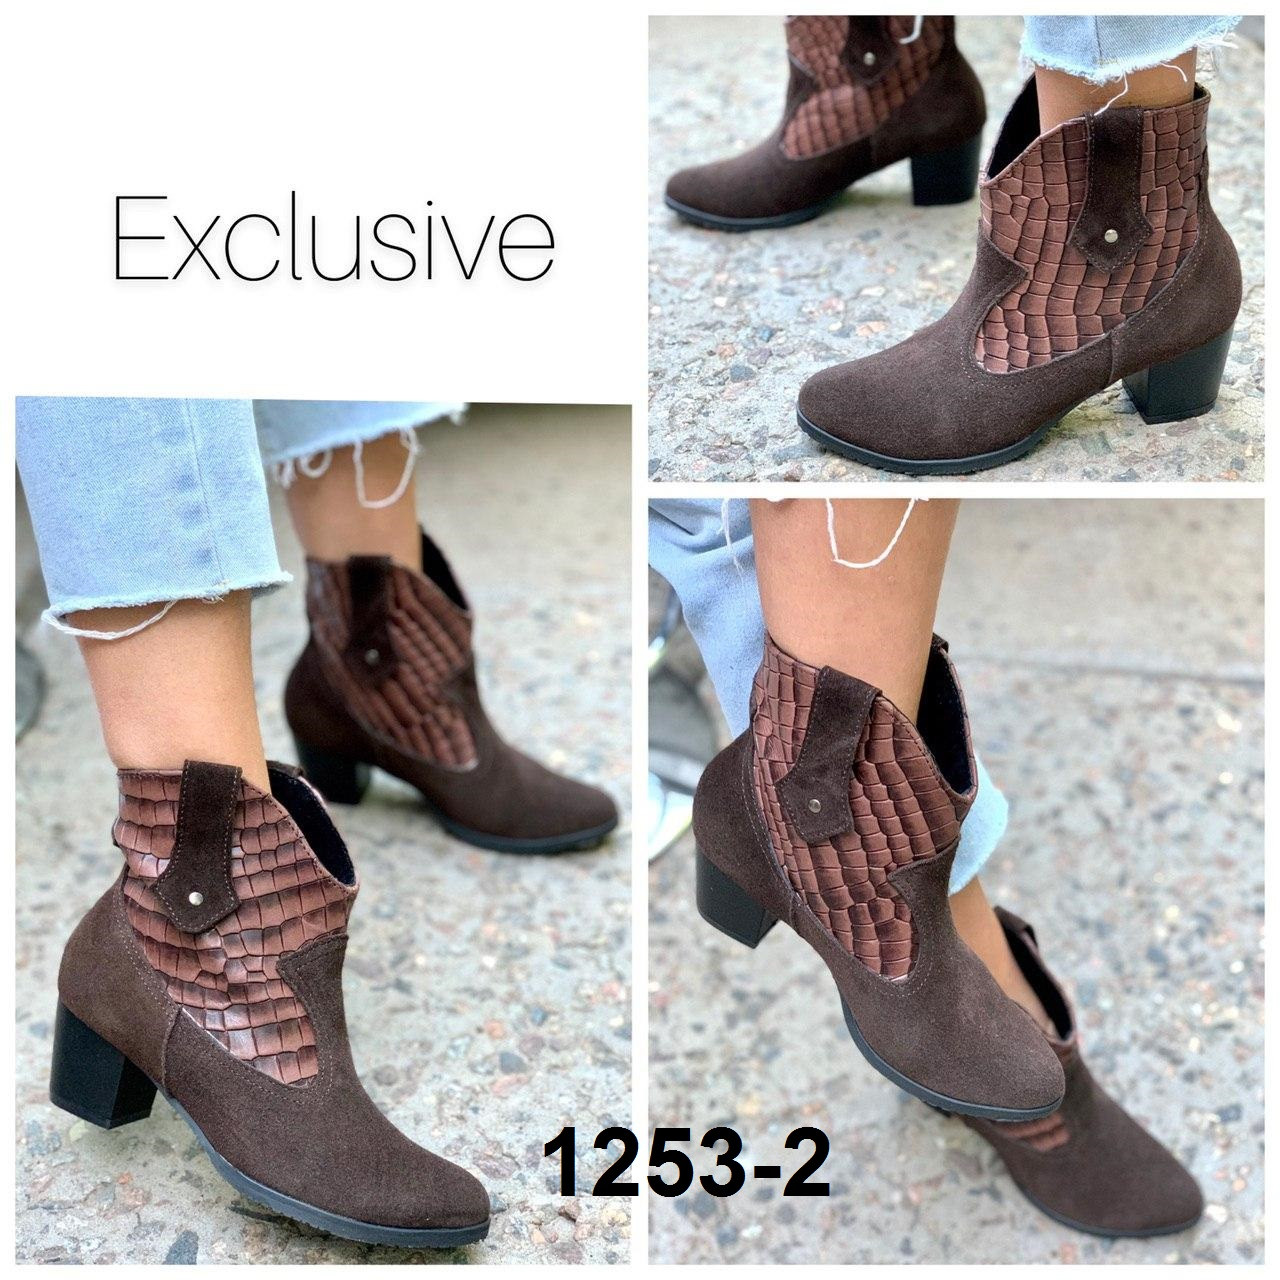 Казаки женские демисезоные замшевые коричневые на каблуке